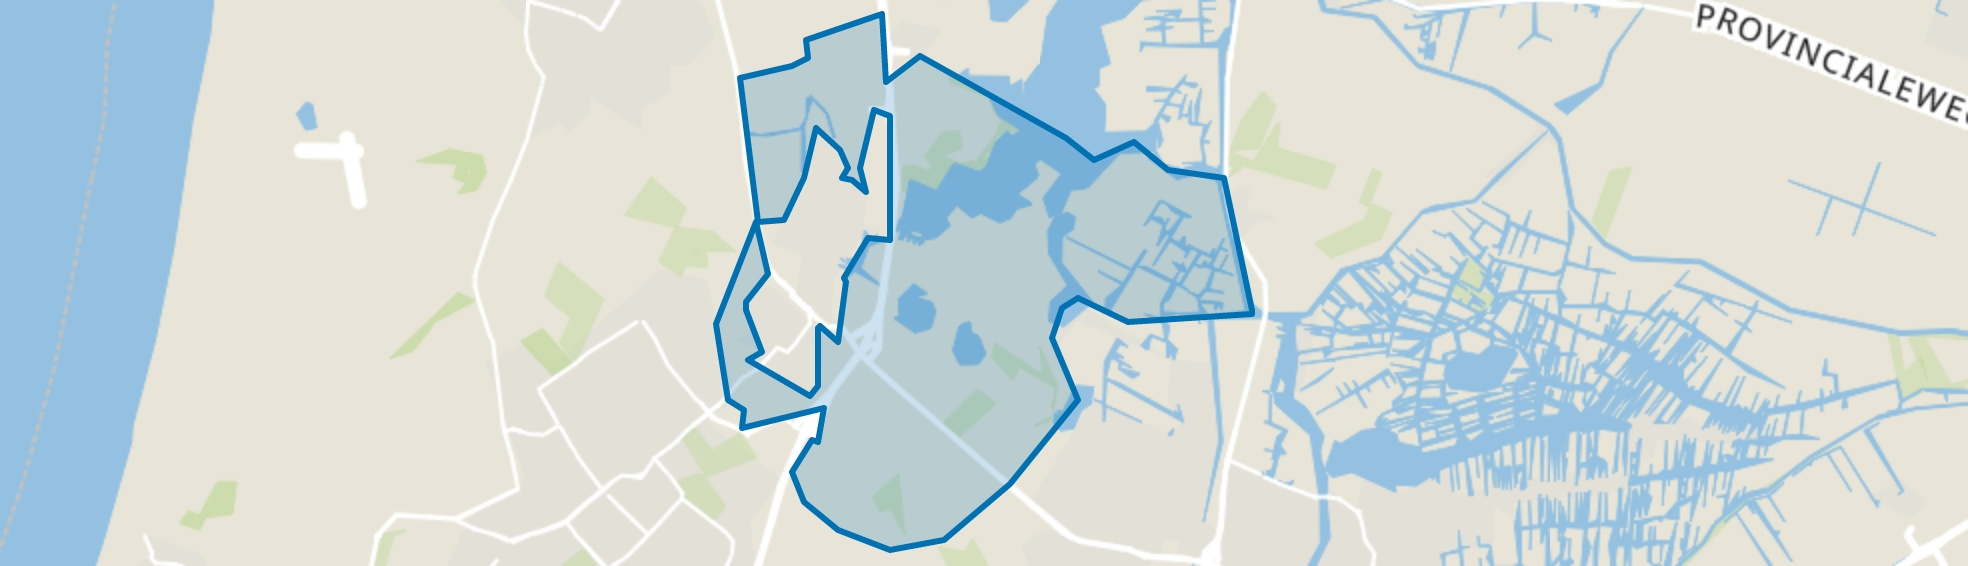 Buitengebied, Uitgeest map